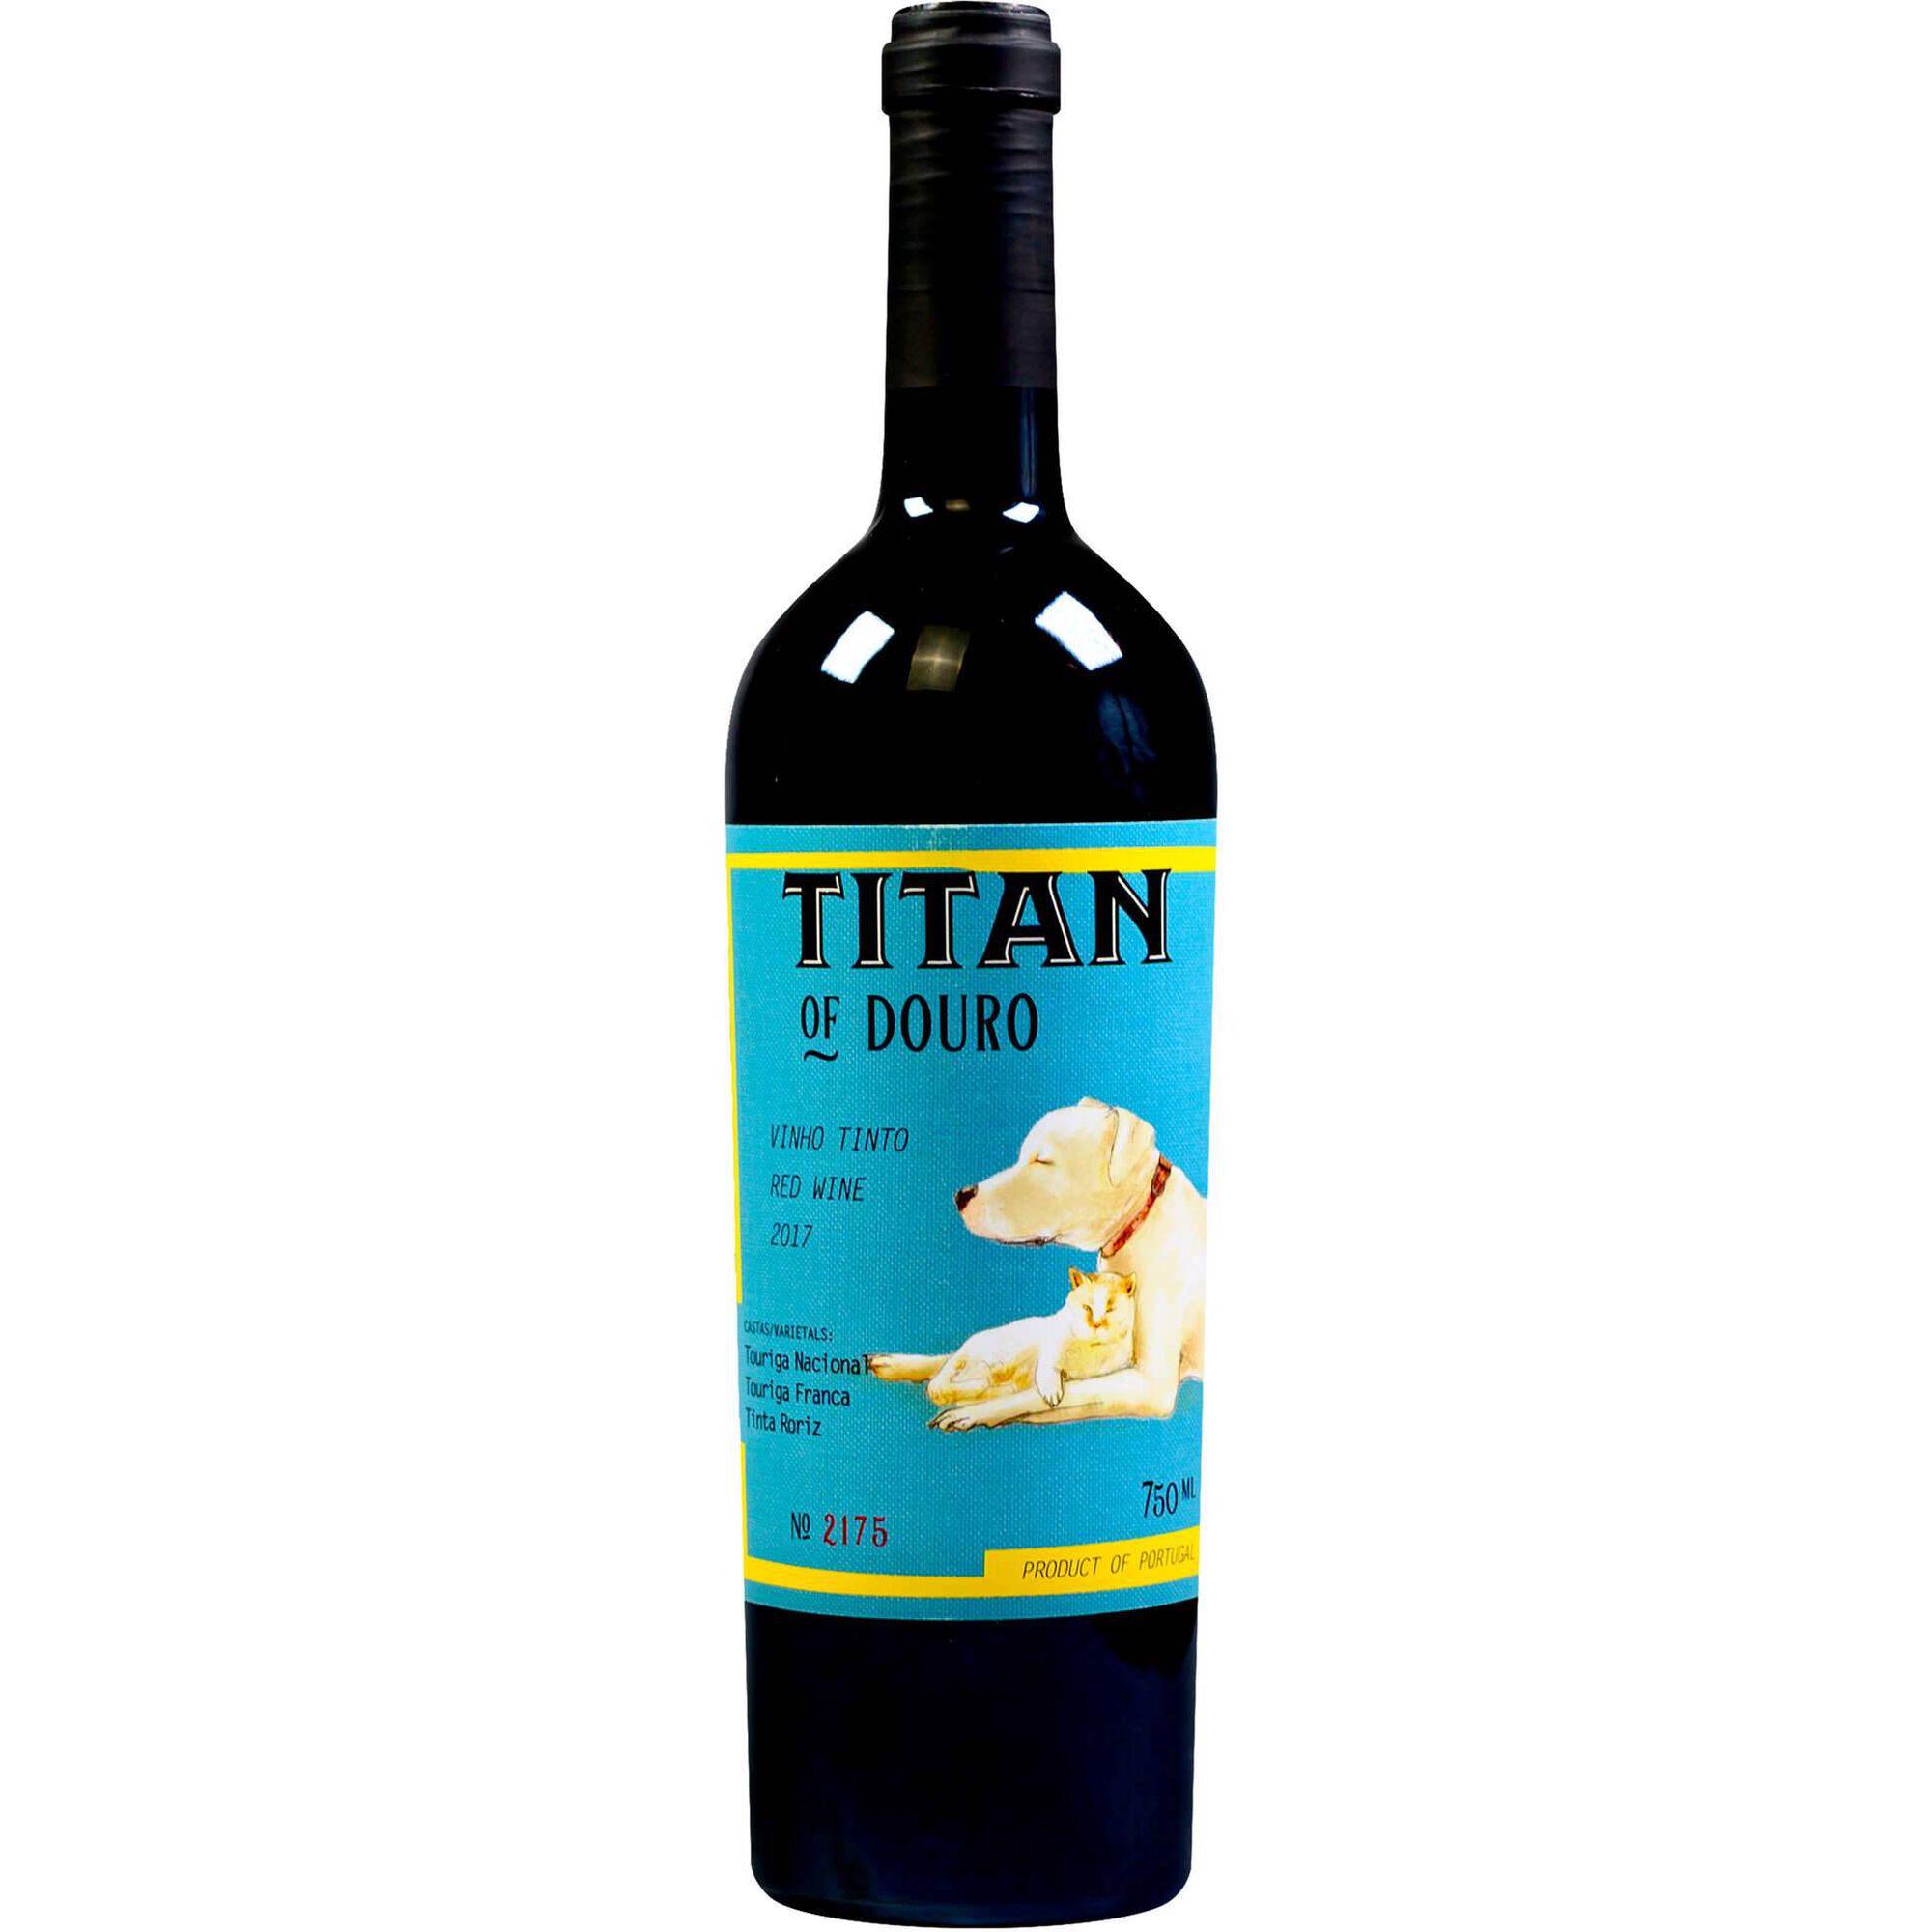 Titan DOC Douro Vinho Tinto